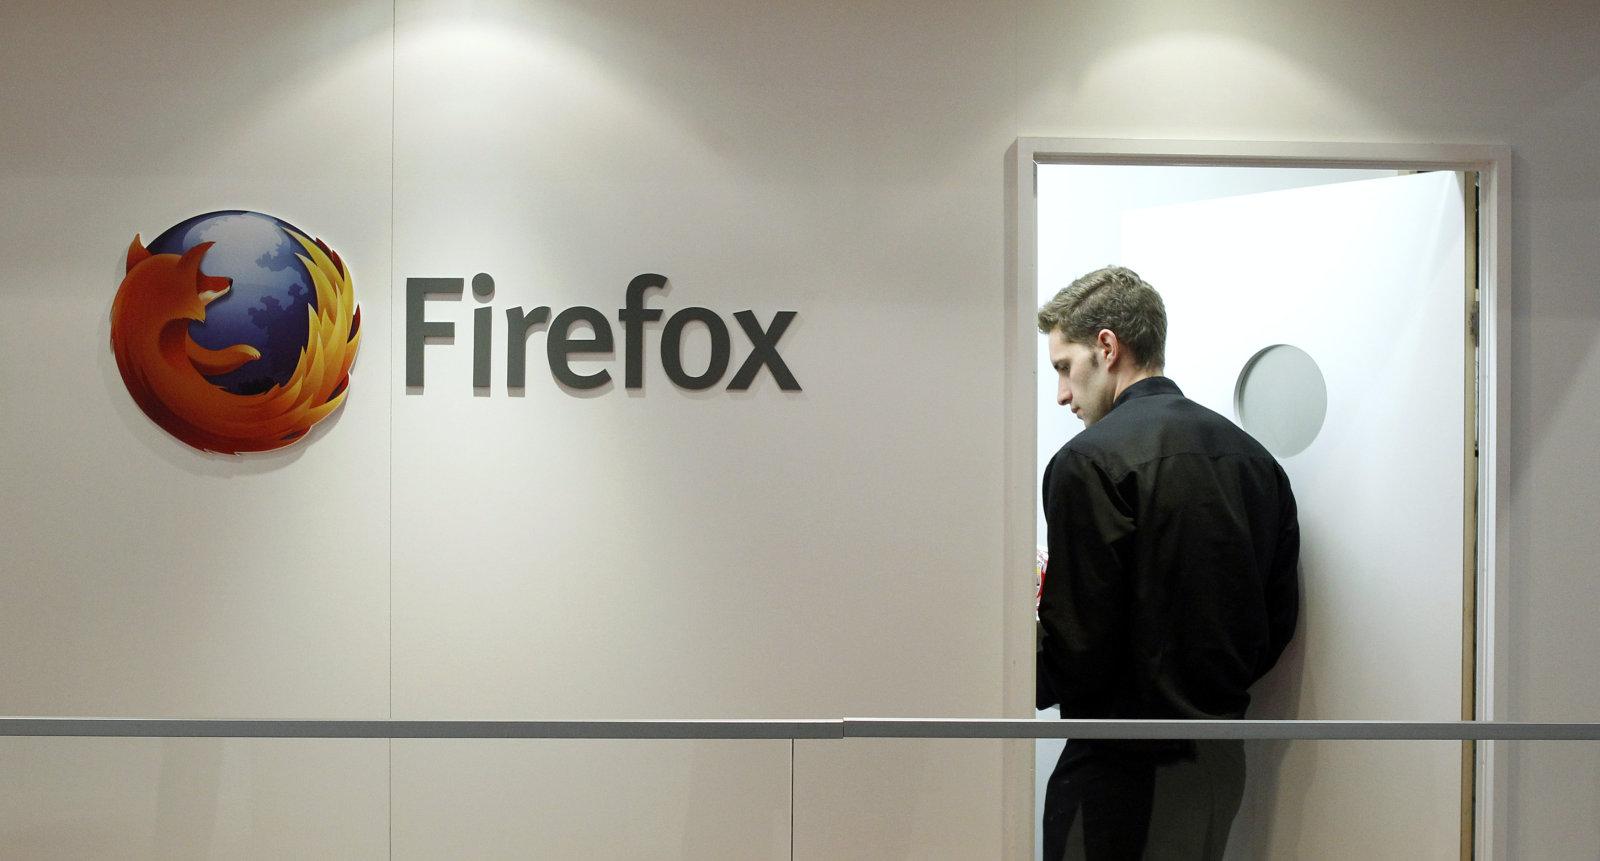 Hamarosan megszűnik a Firefox support egyes OS-eken